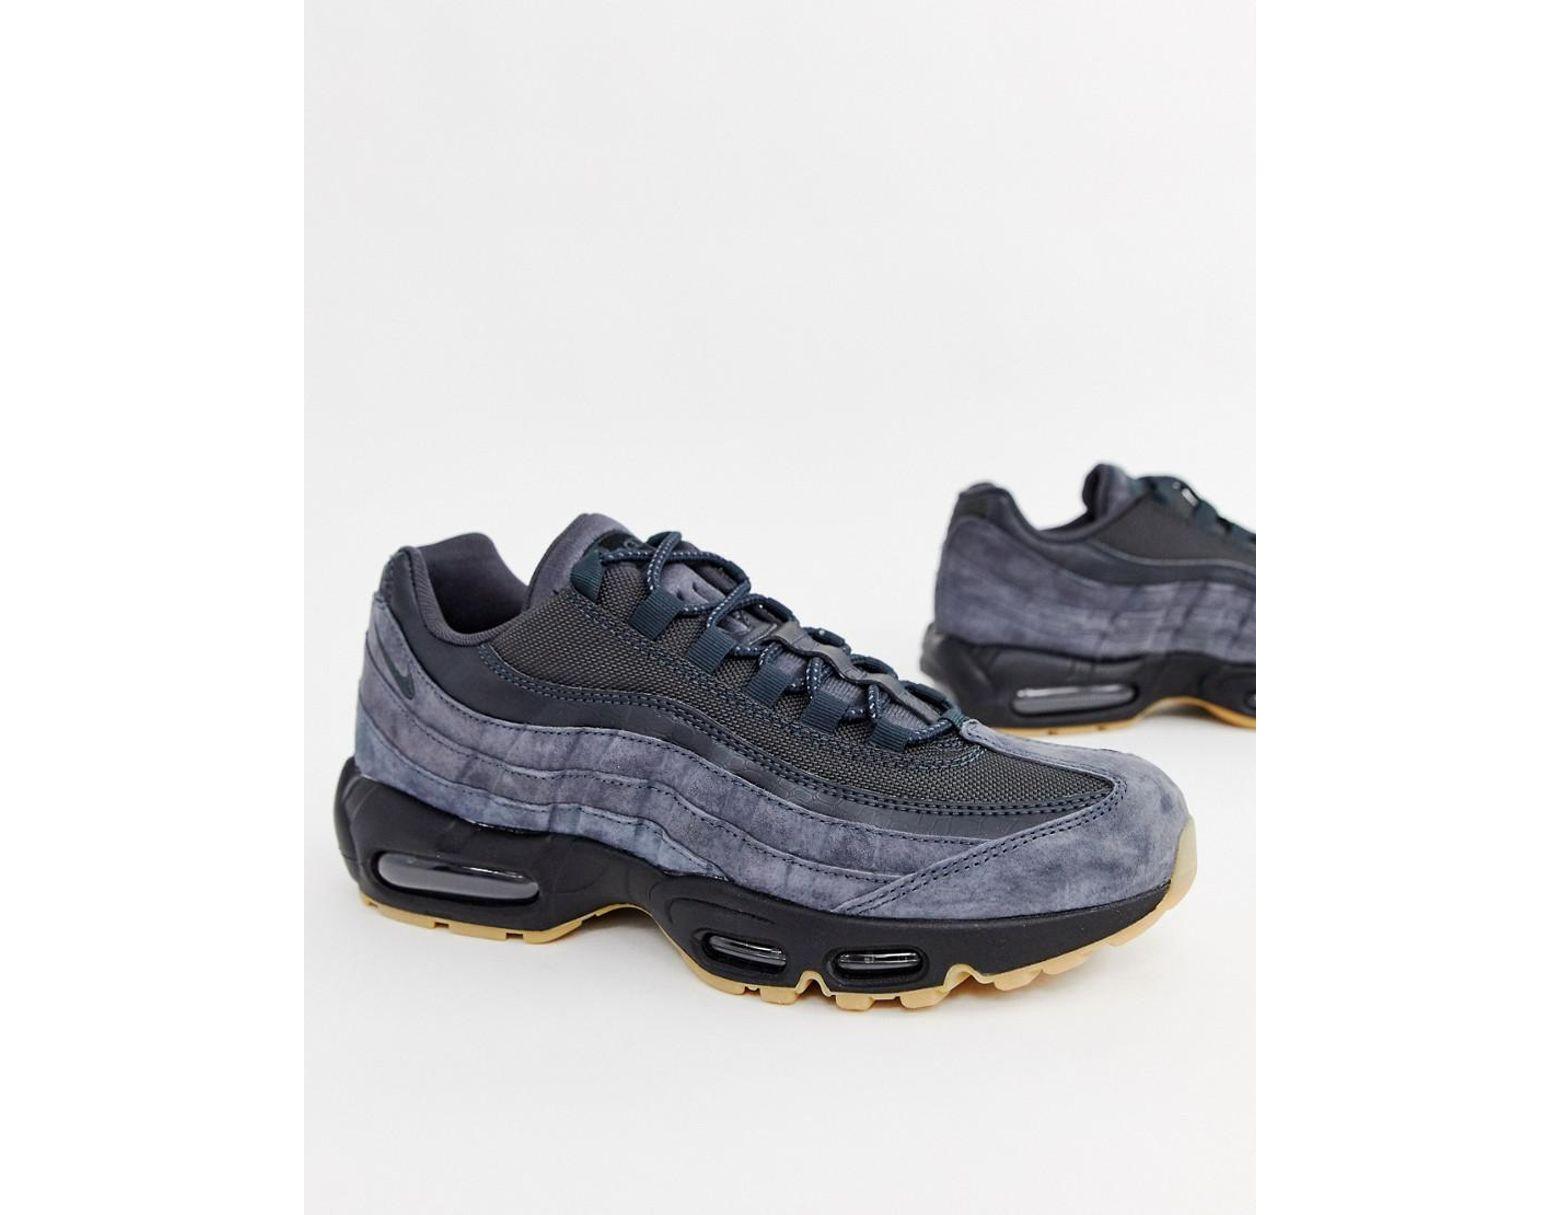 eadb11942c2c1 Nike Air Max 95 Ultra Sneakers In Grey Aj2018-002 in Gray for Men - Lyst